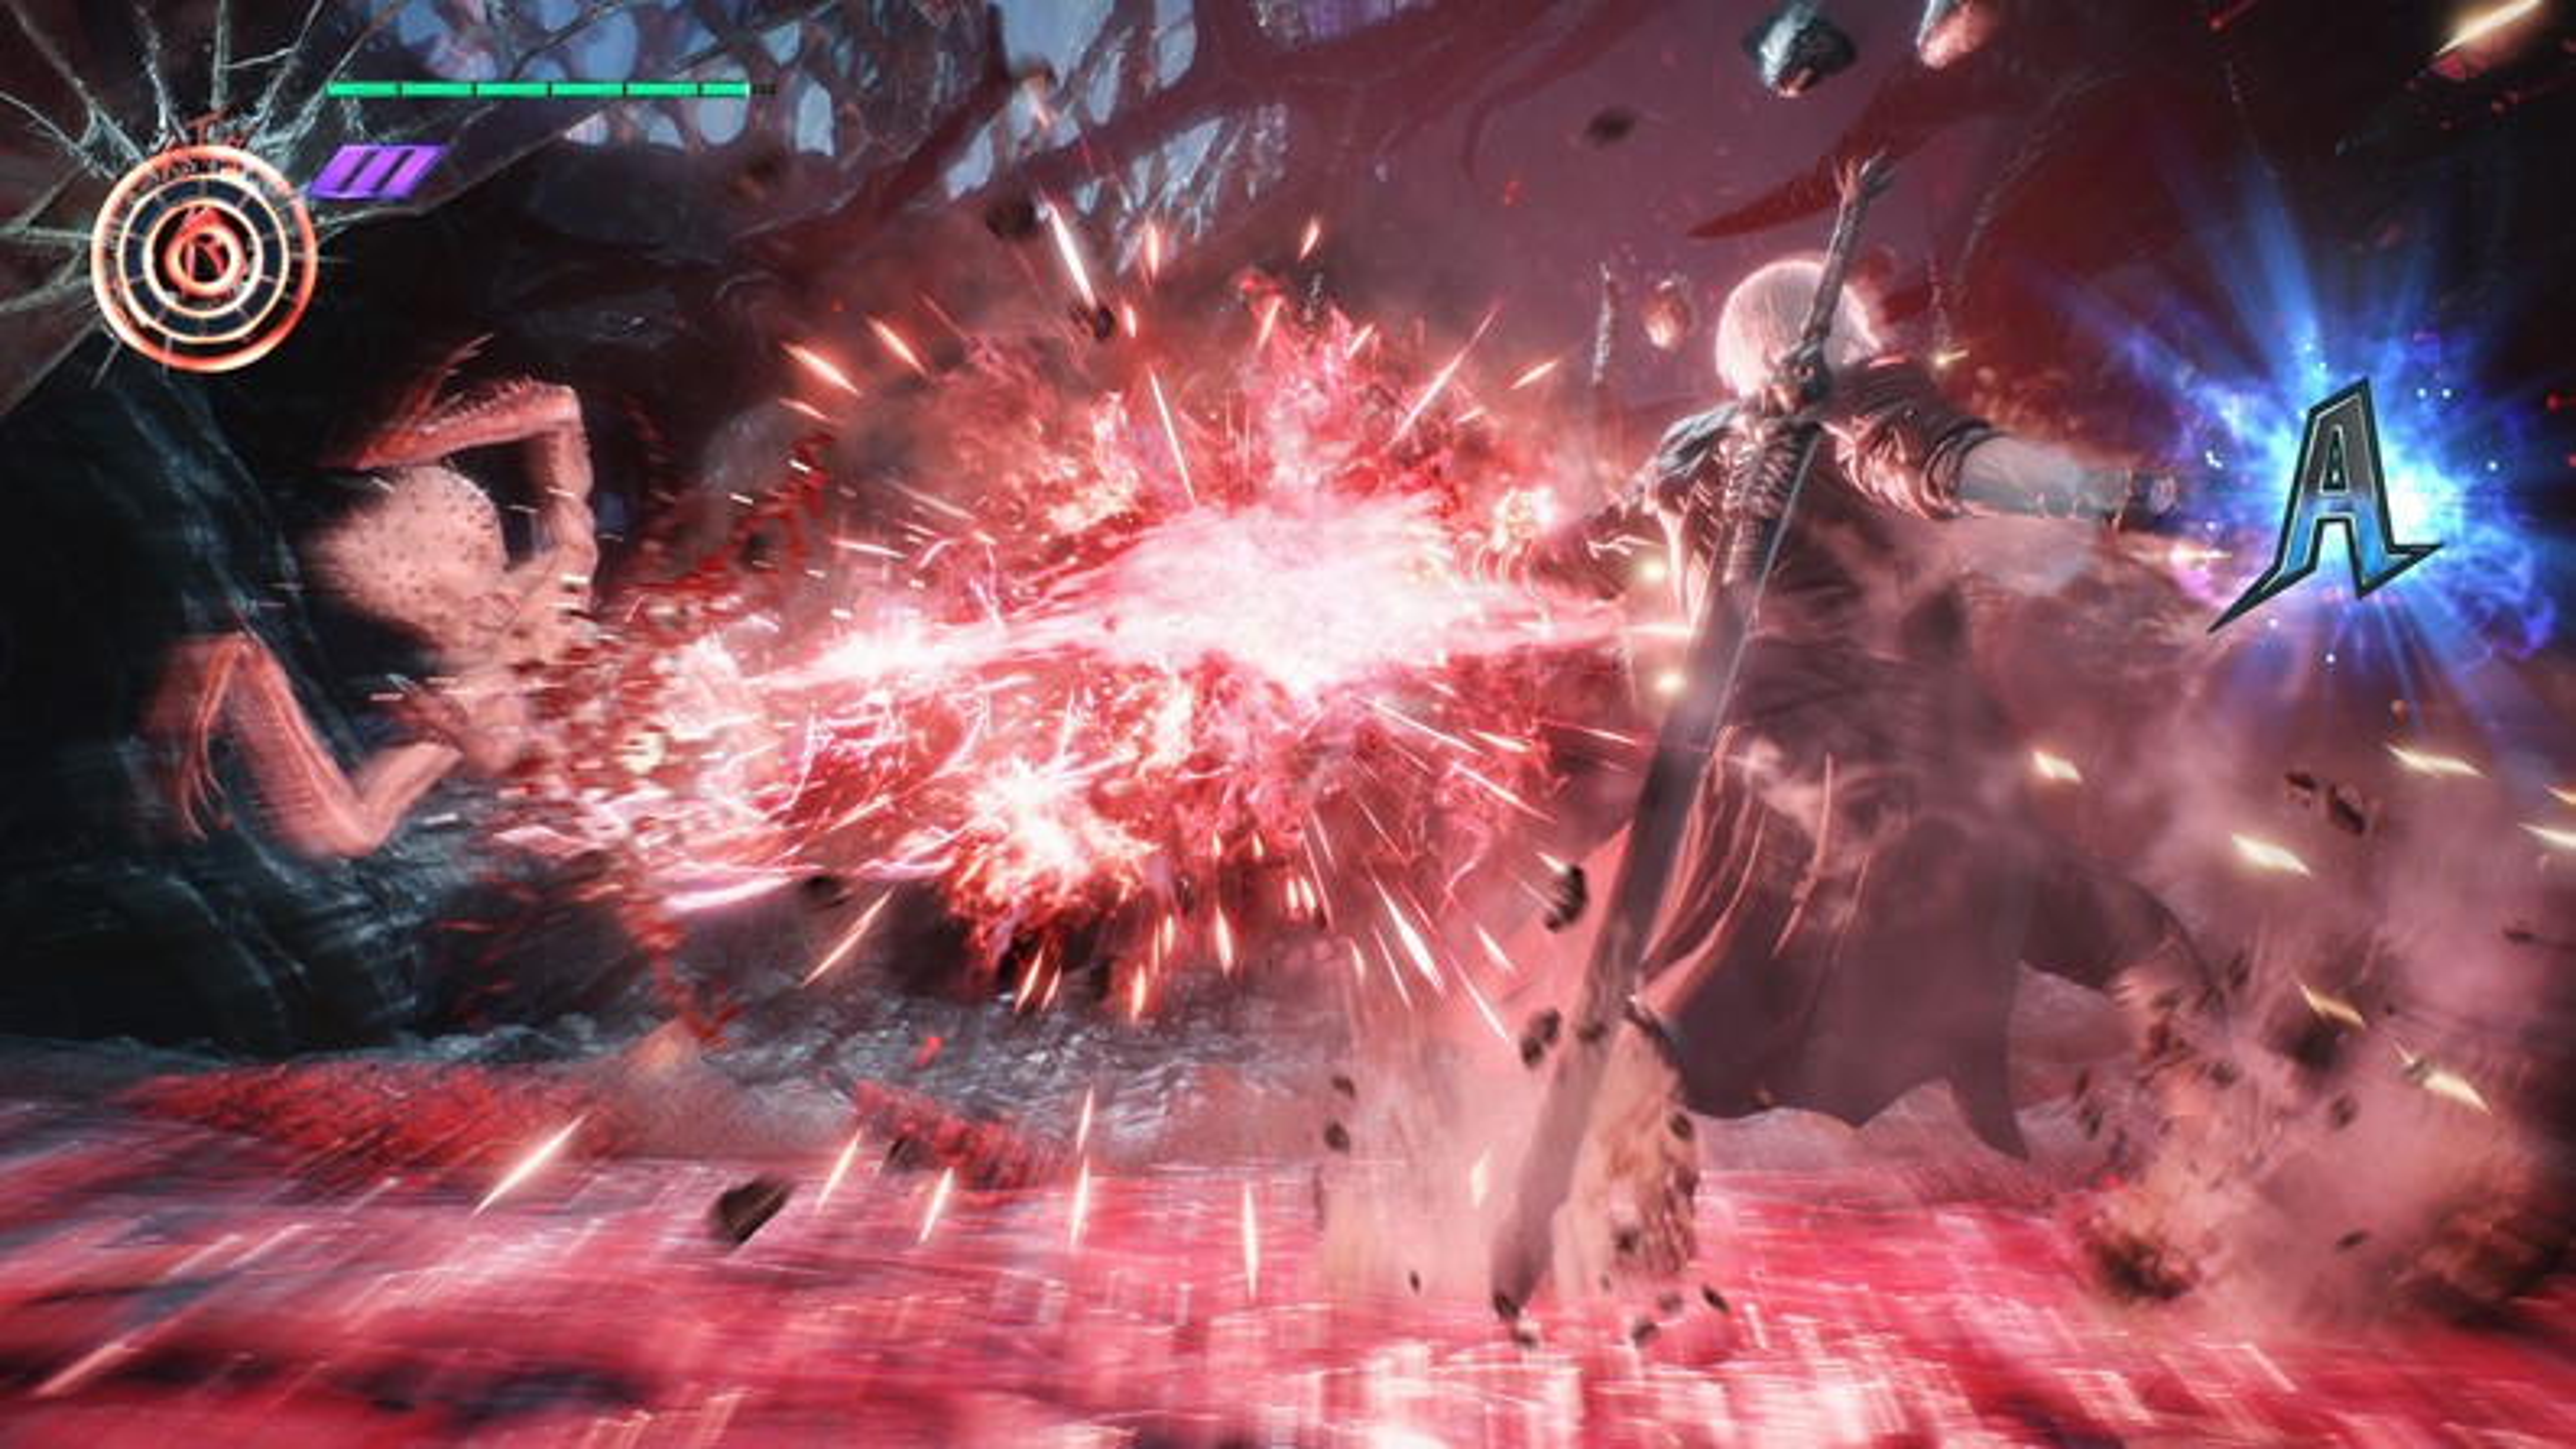 Jogamos 6 horas de Devil May Cry 5 no Xbox One X: confira nossas impressões